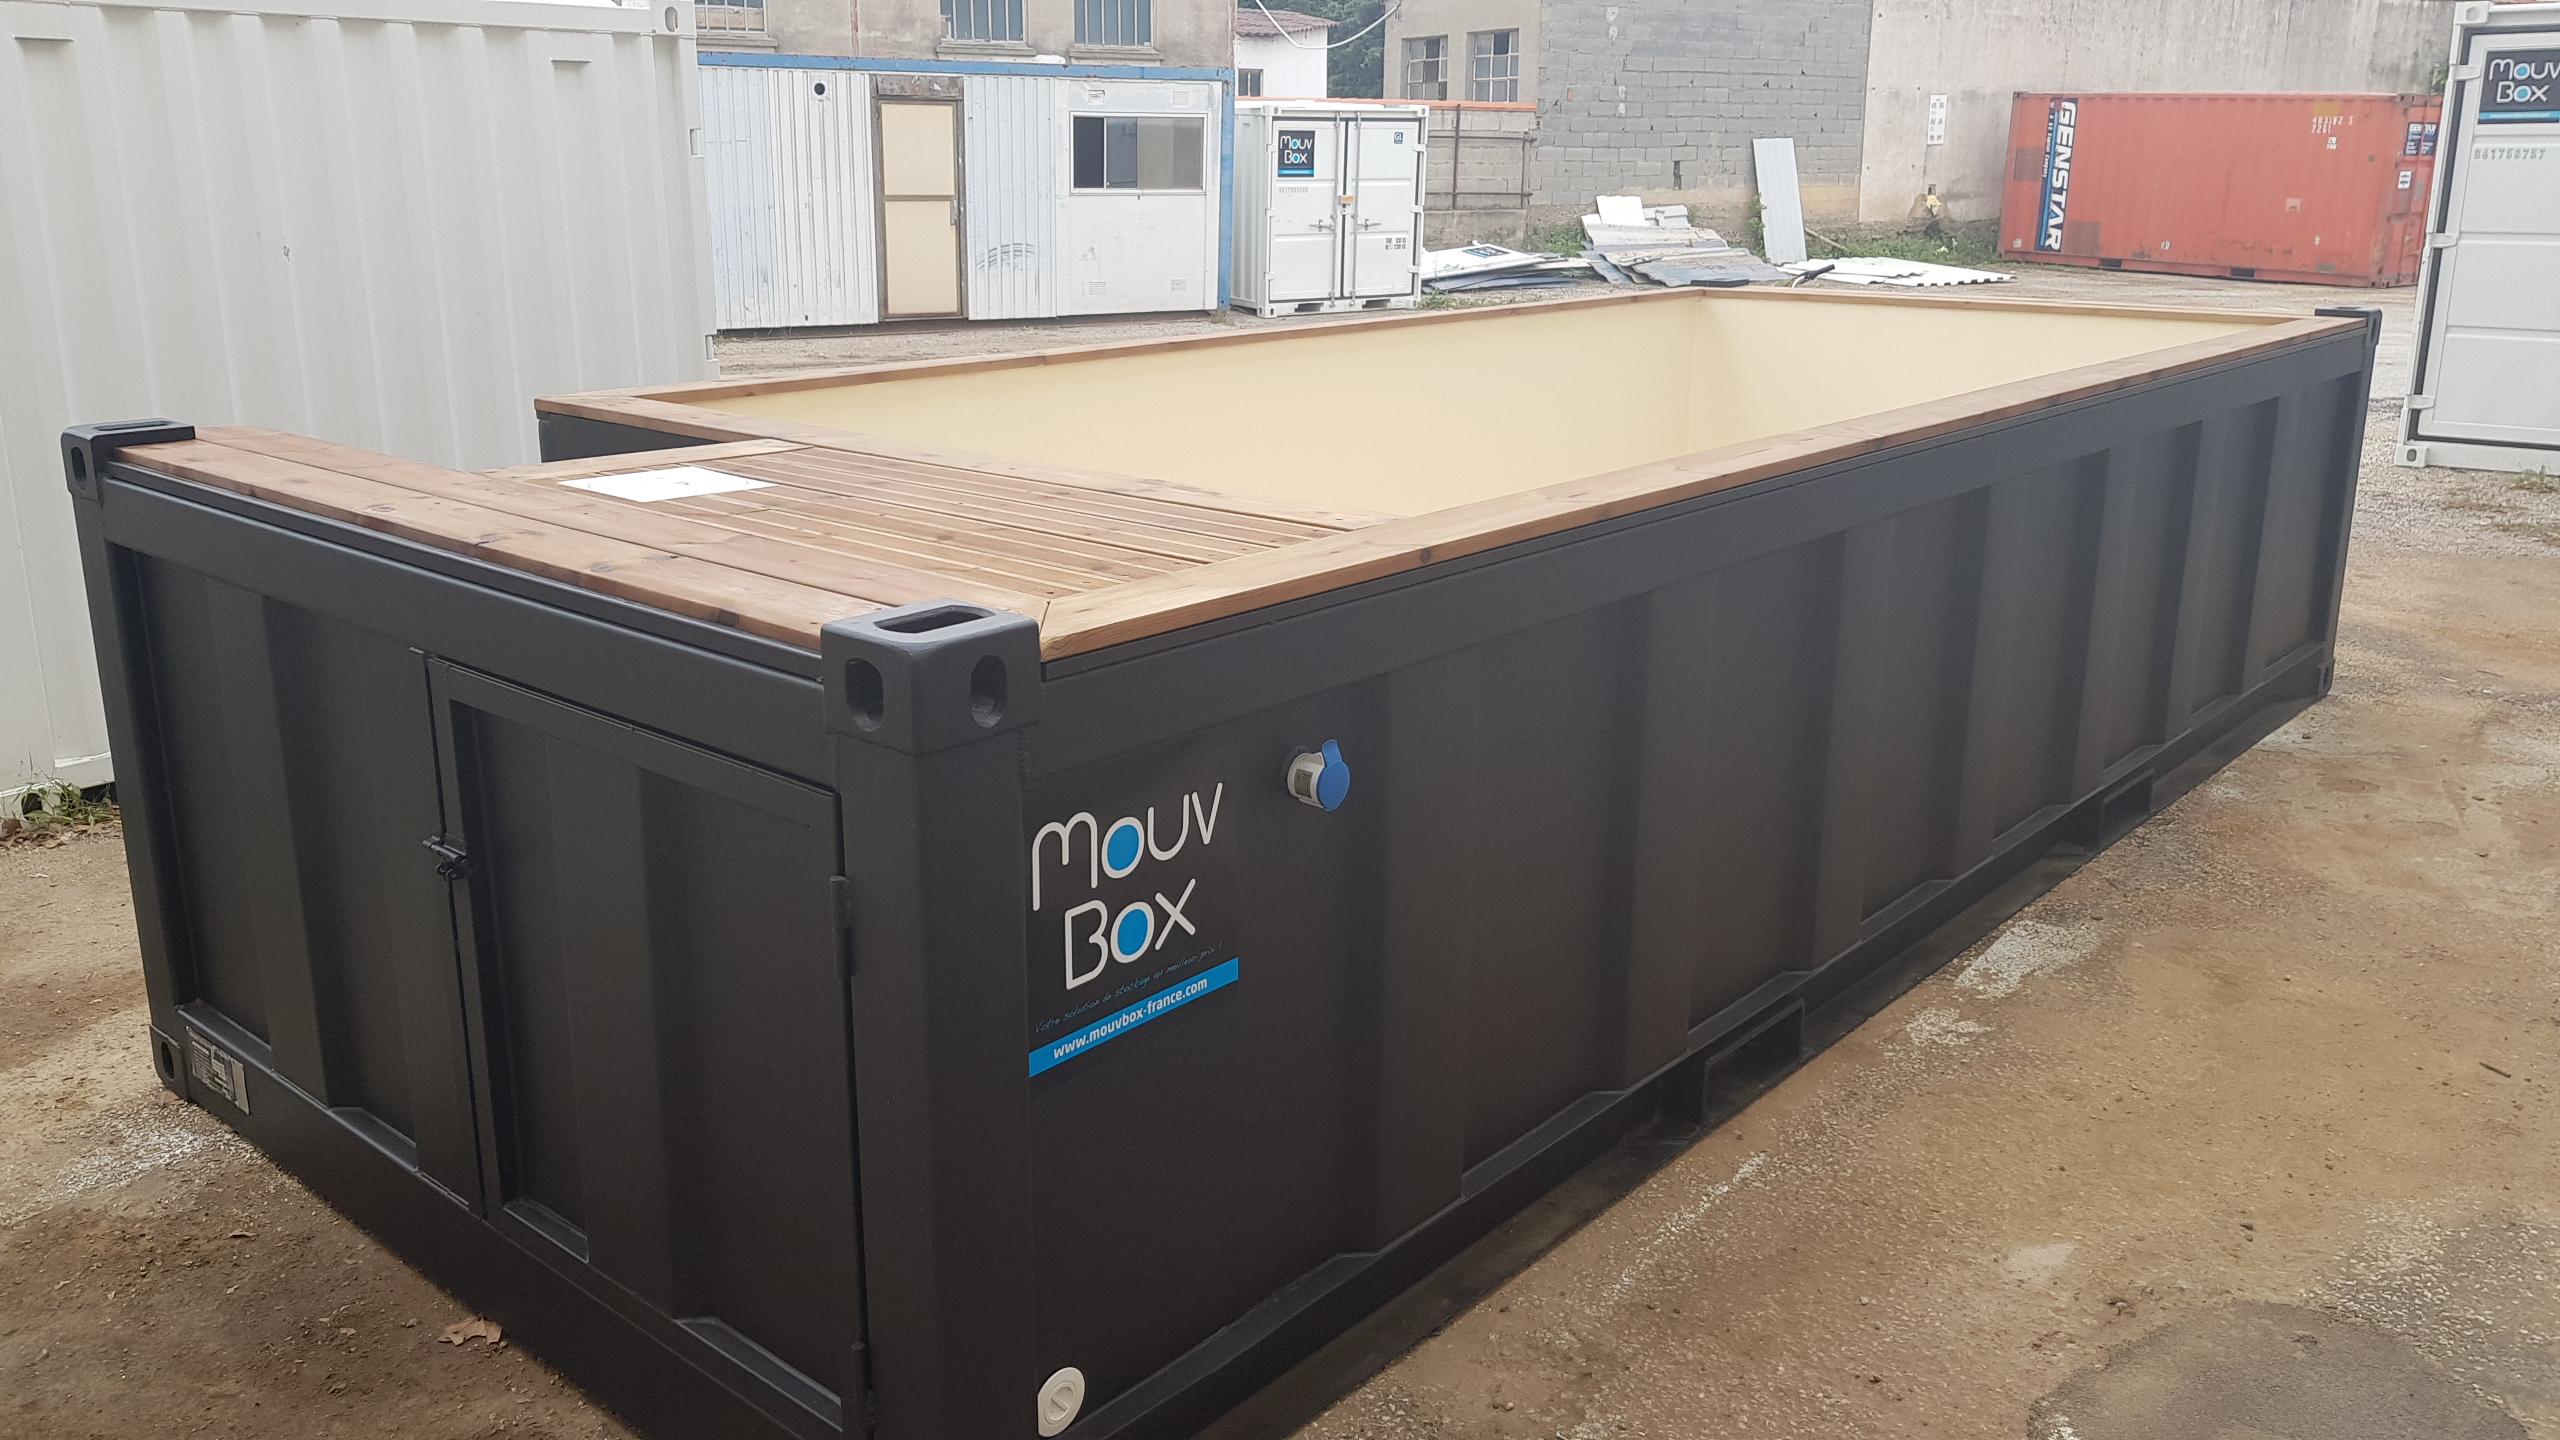 Piscine Box 20′ (6M X 2.40M) dedans Piscine Container France